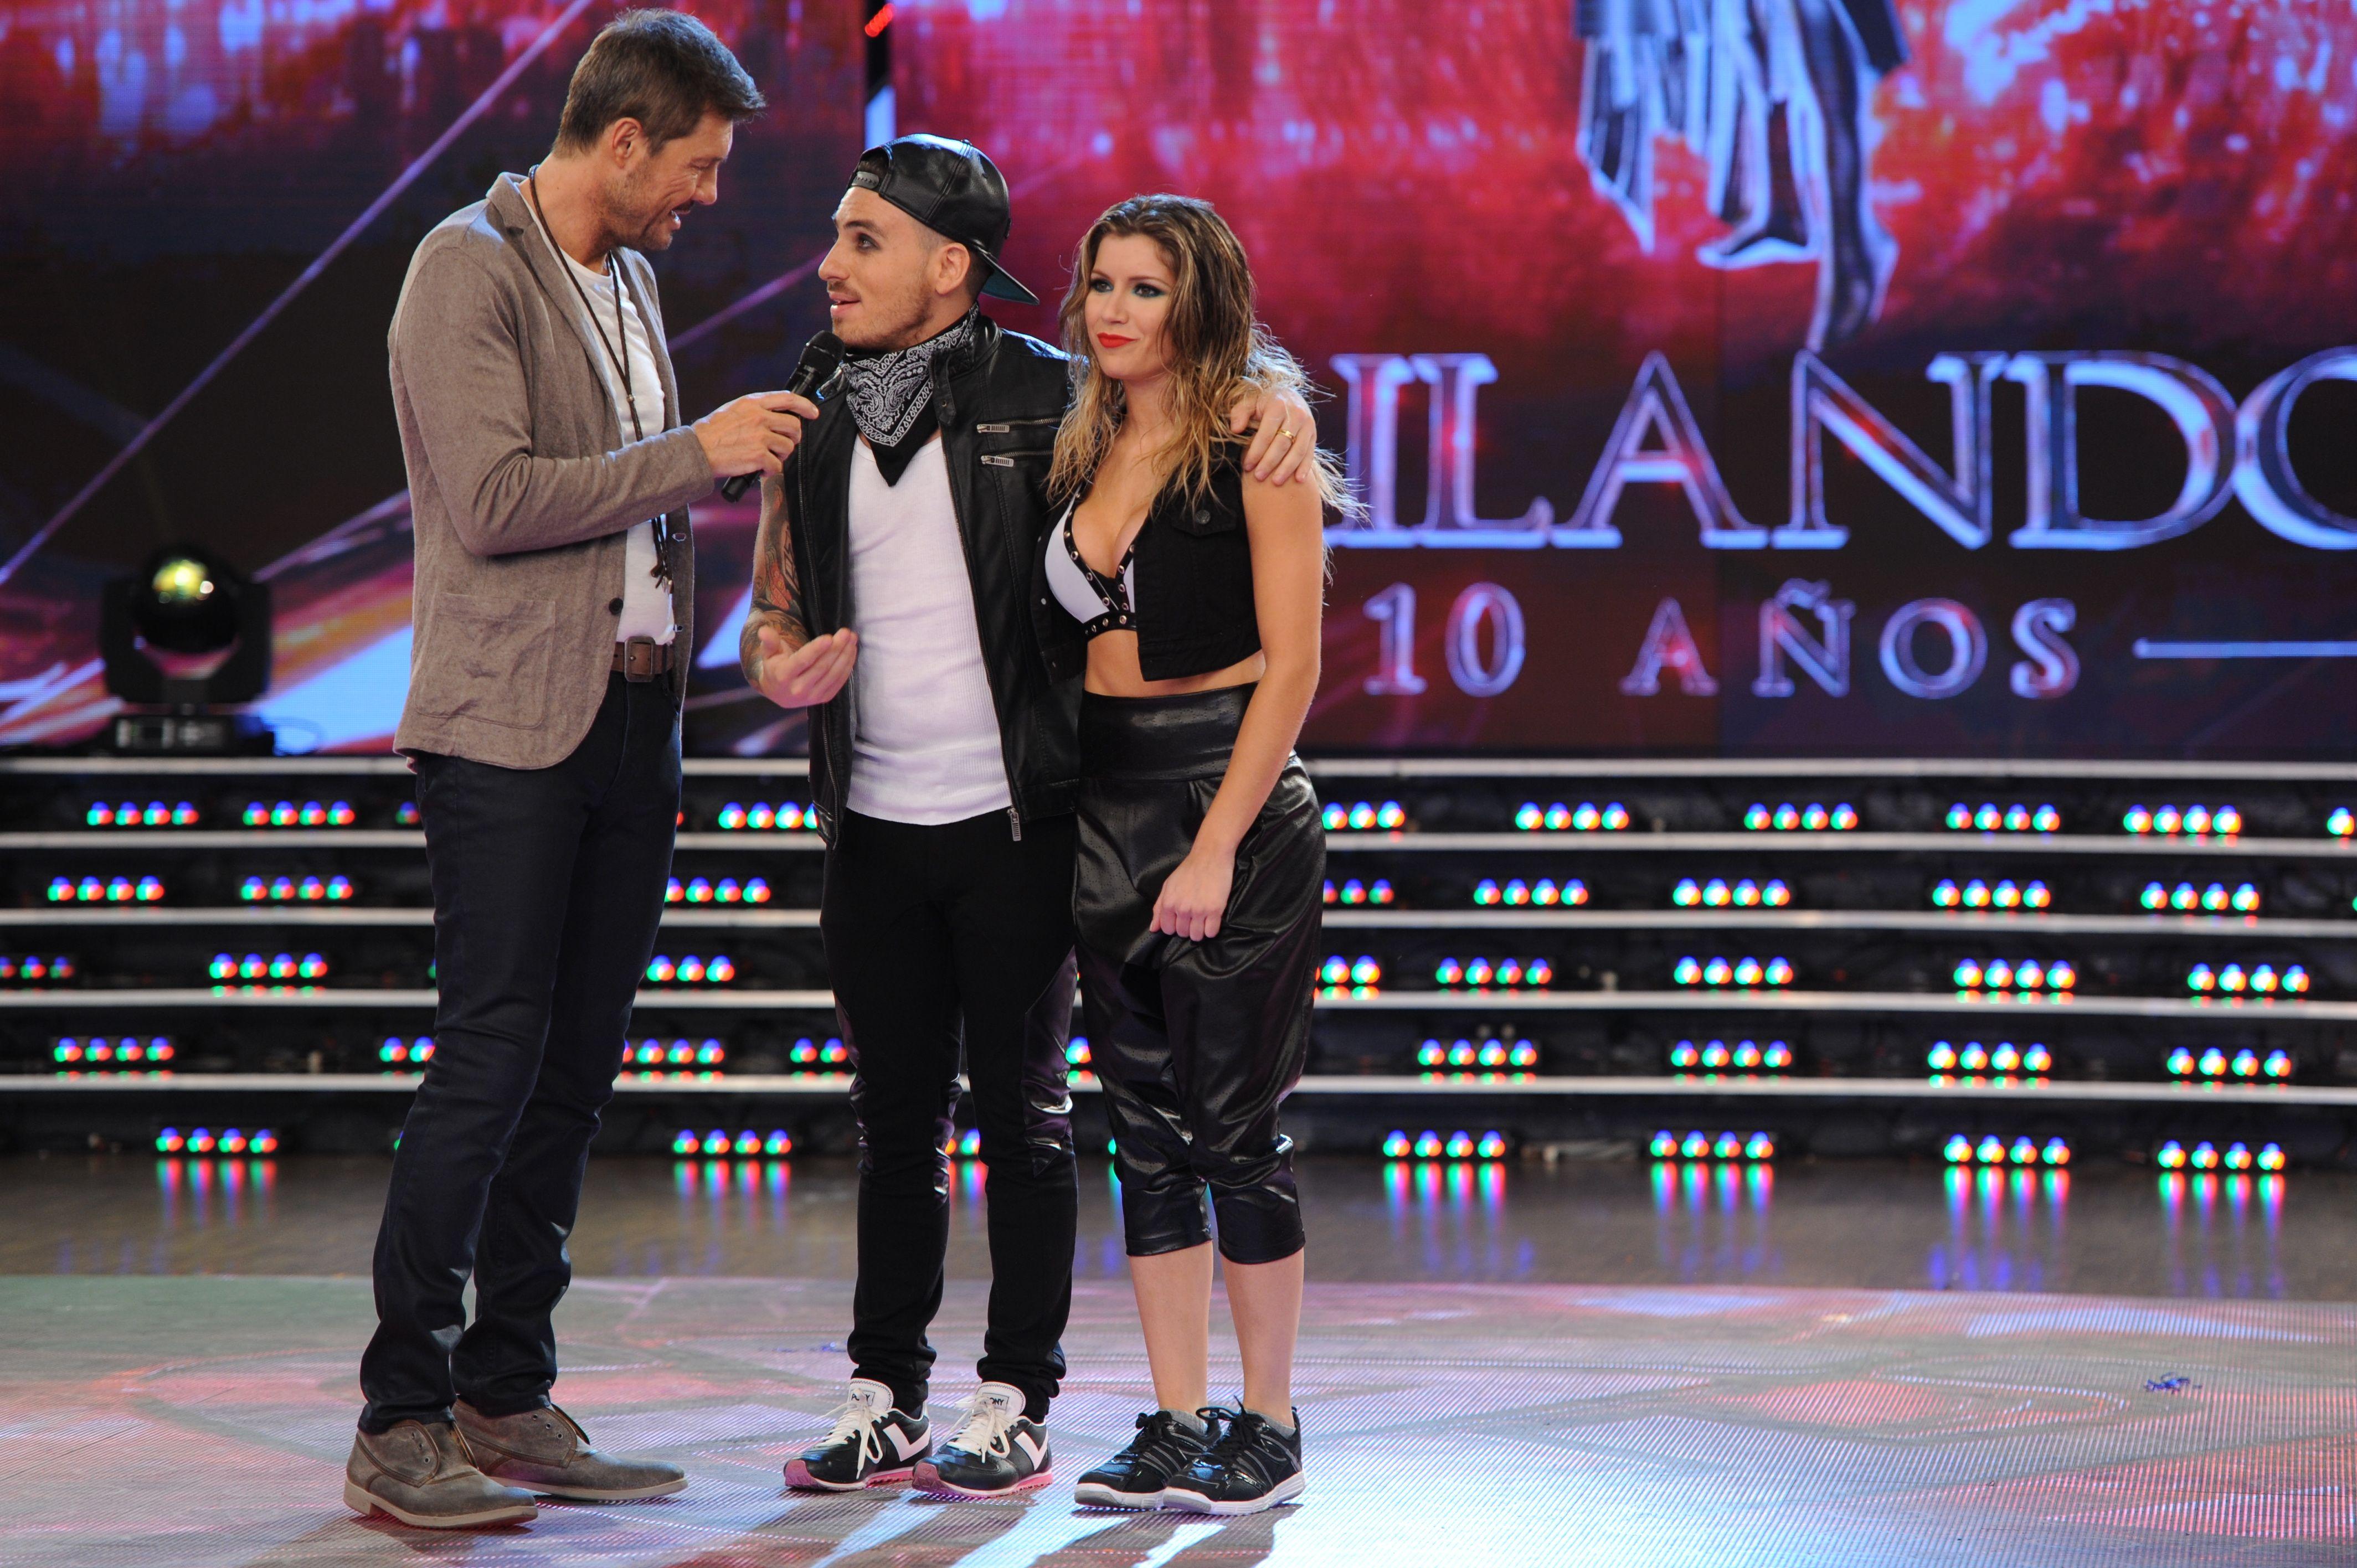 Verónica Ojeda y Fede Bal brillaron en el Street pop pero la ex de Maradona se peleó con Marcelo Polino